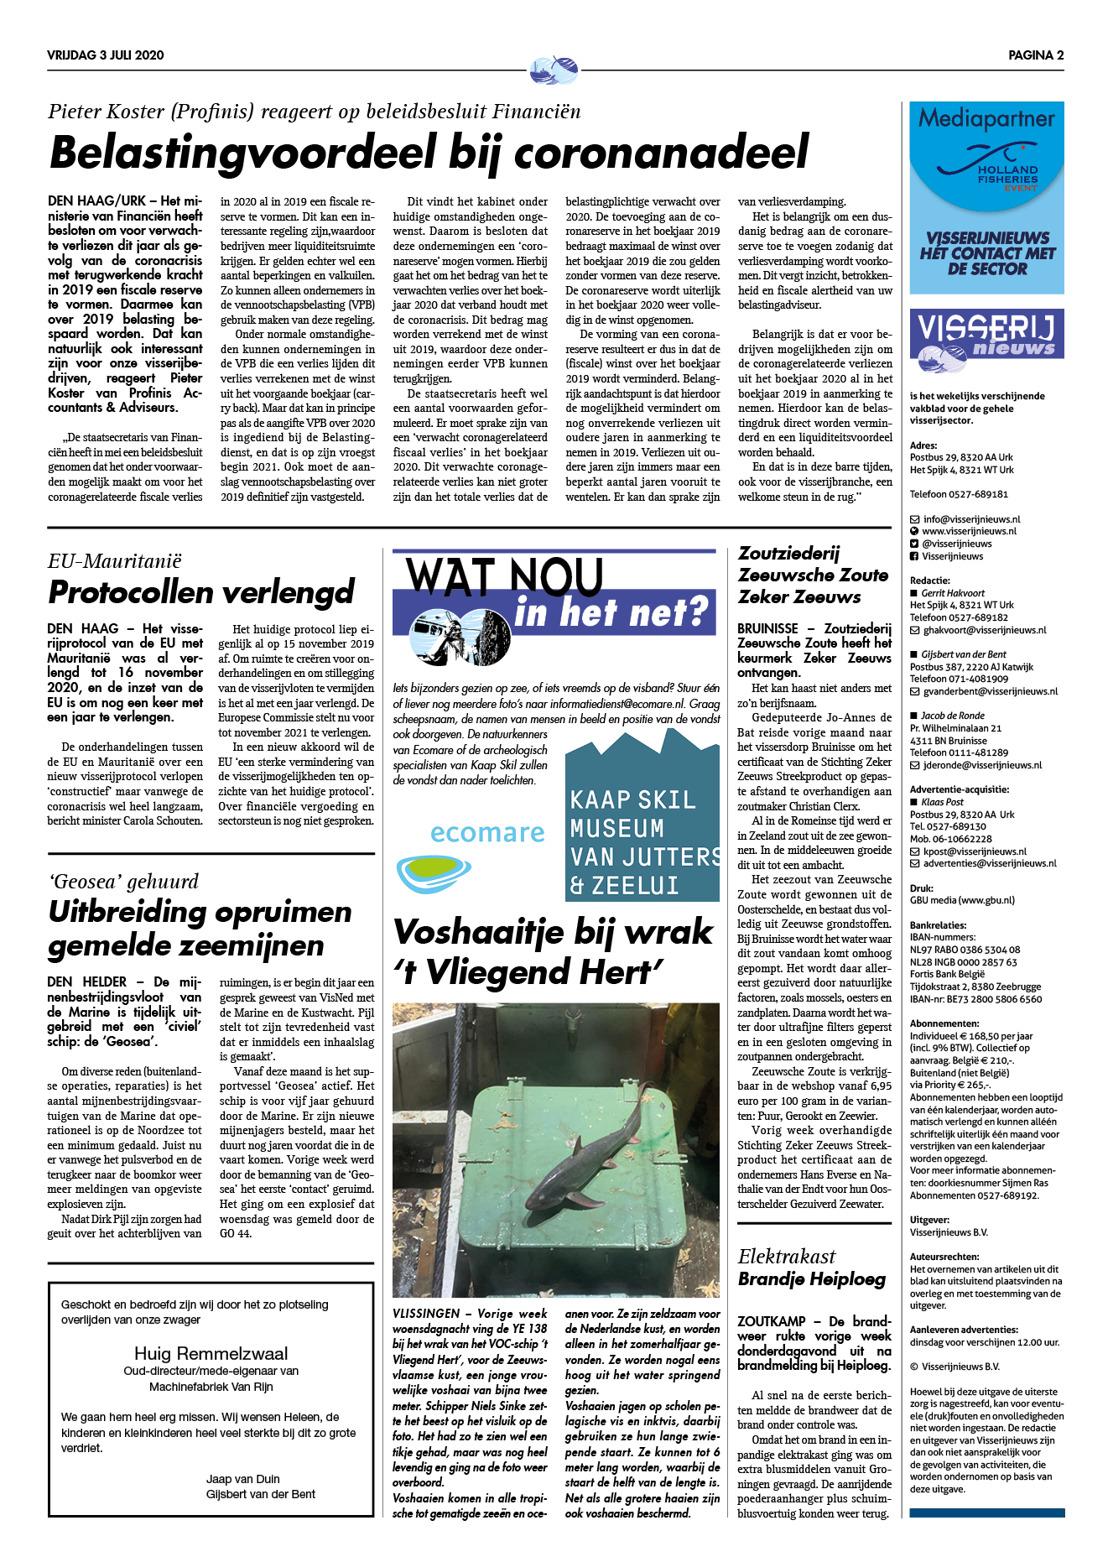 Zeeuwsche Zoute in Visserij Nieuws